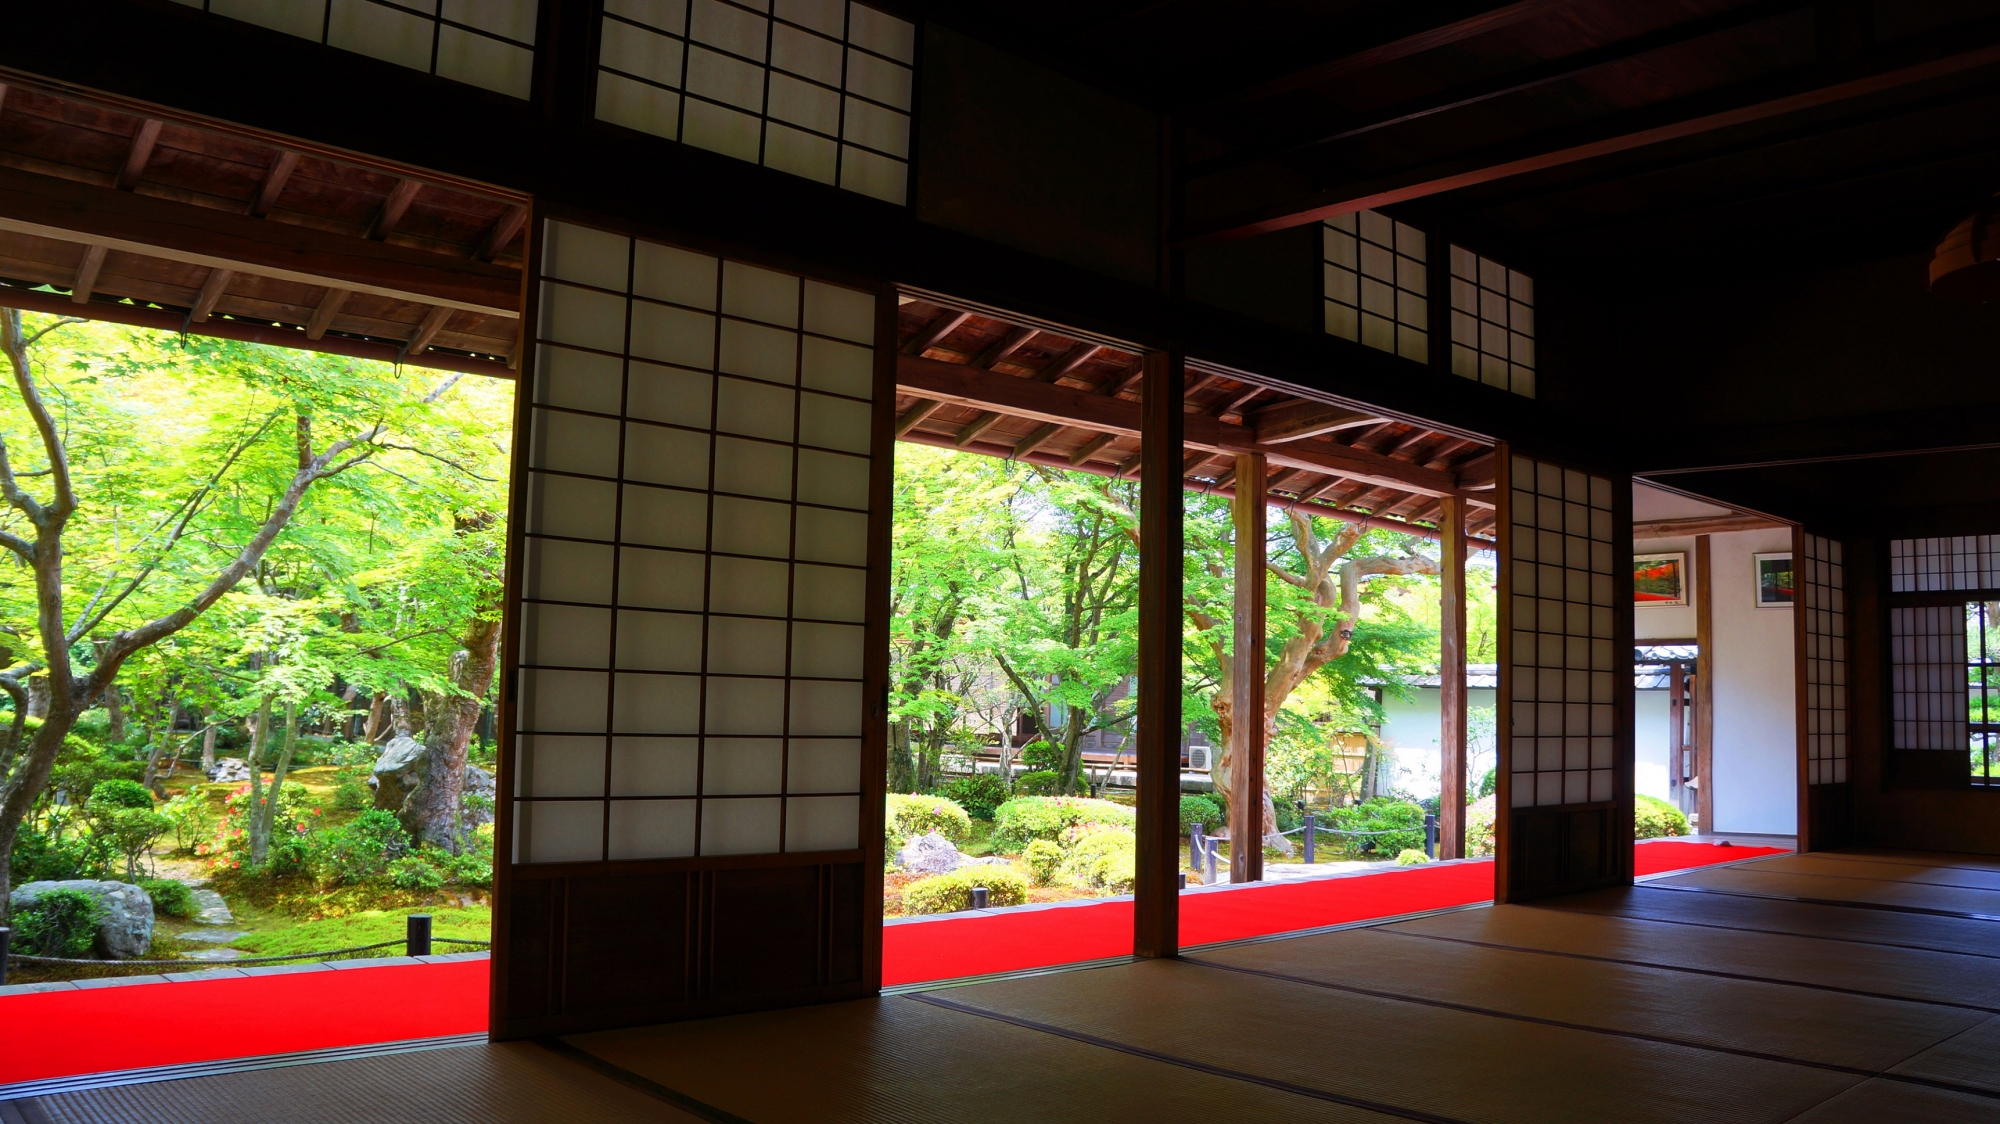 圓光寺の書院奥から眺めた十牛之庭の見事な青もみじと新緑 2013年6月5日